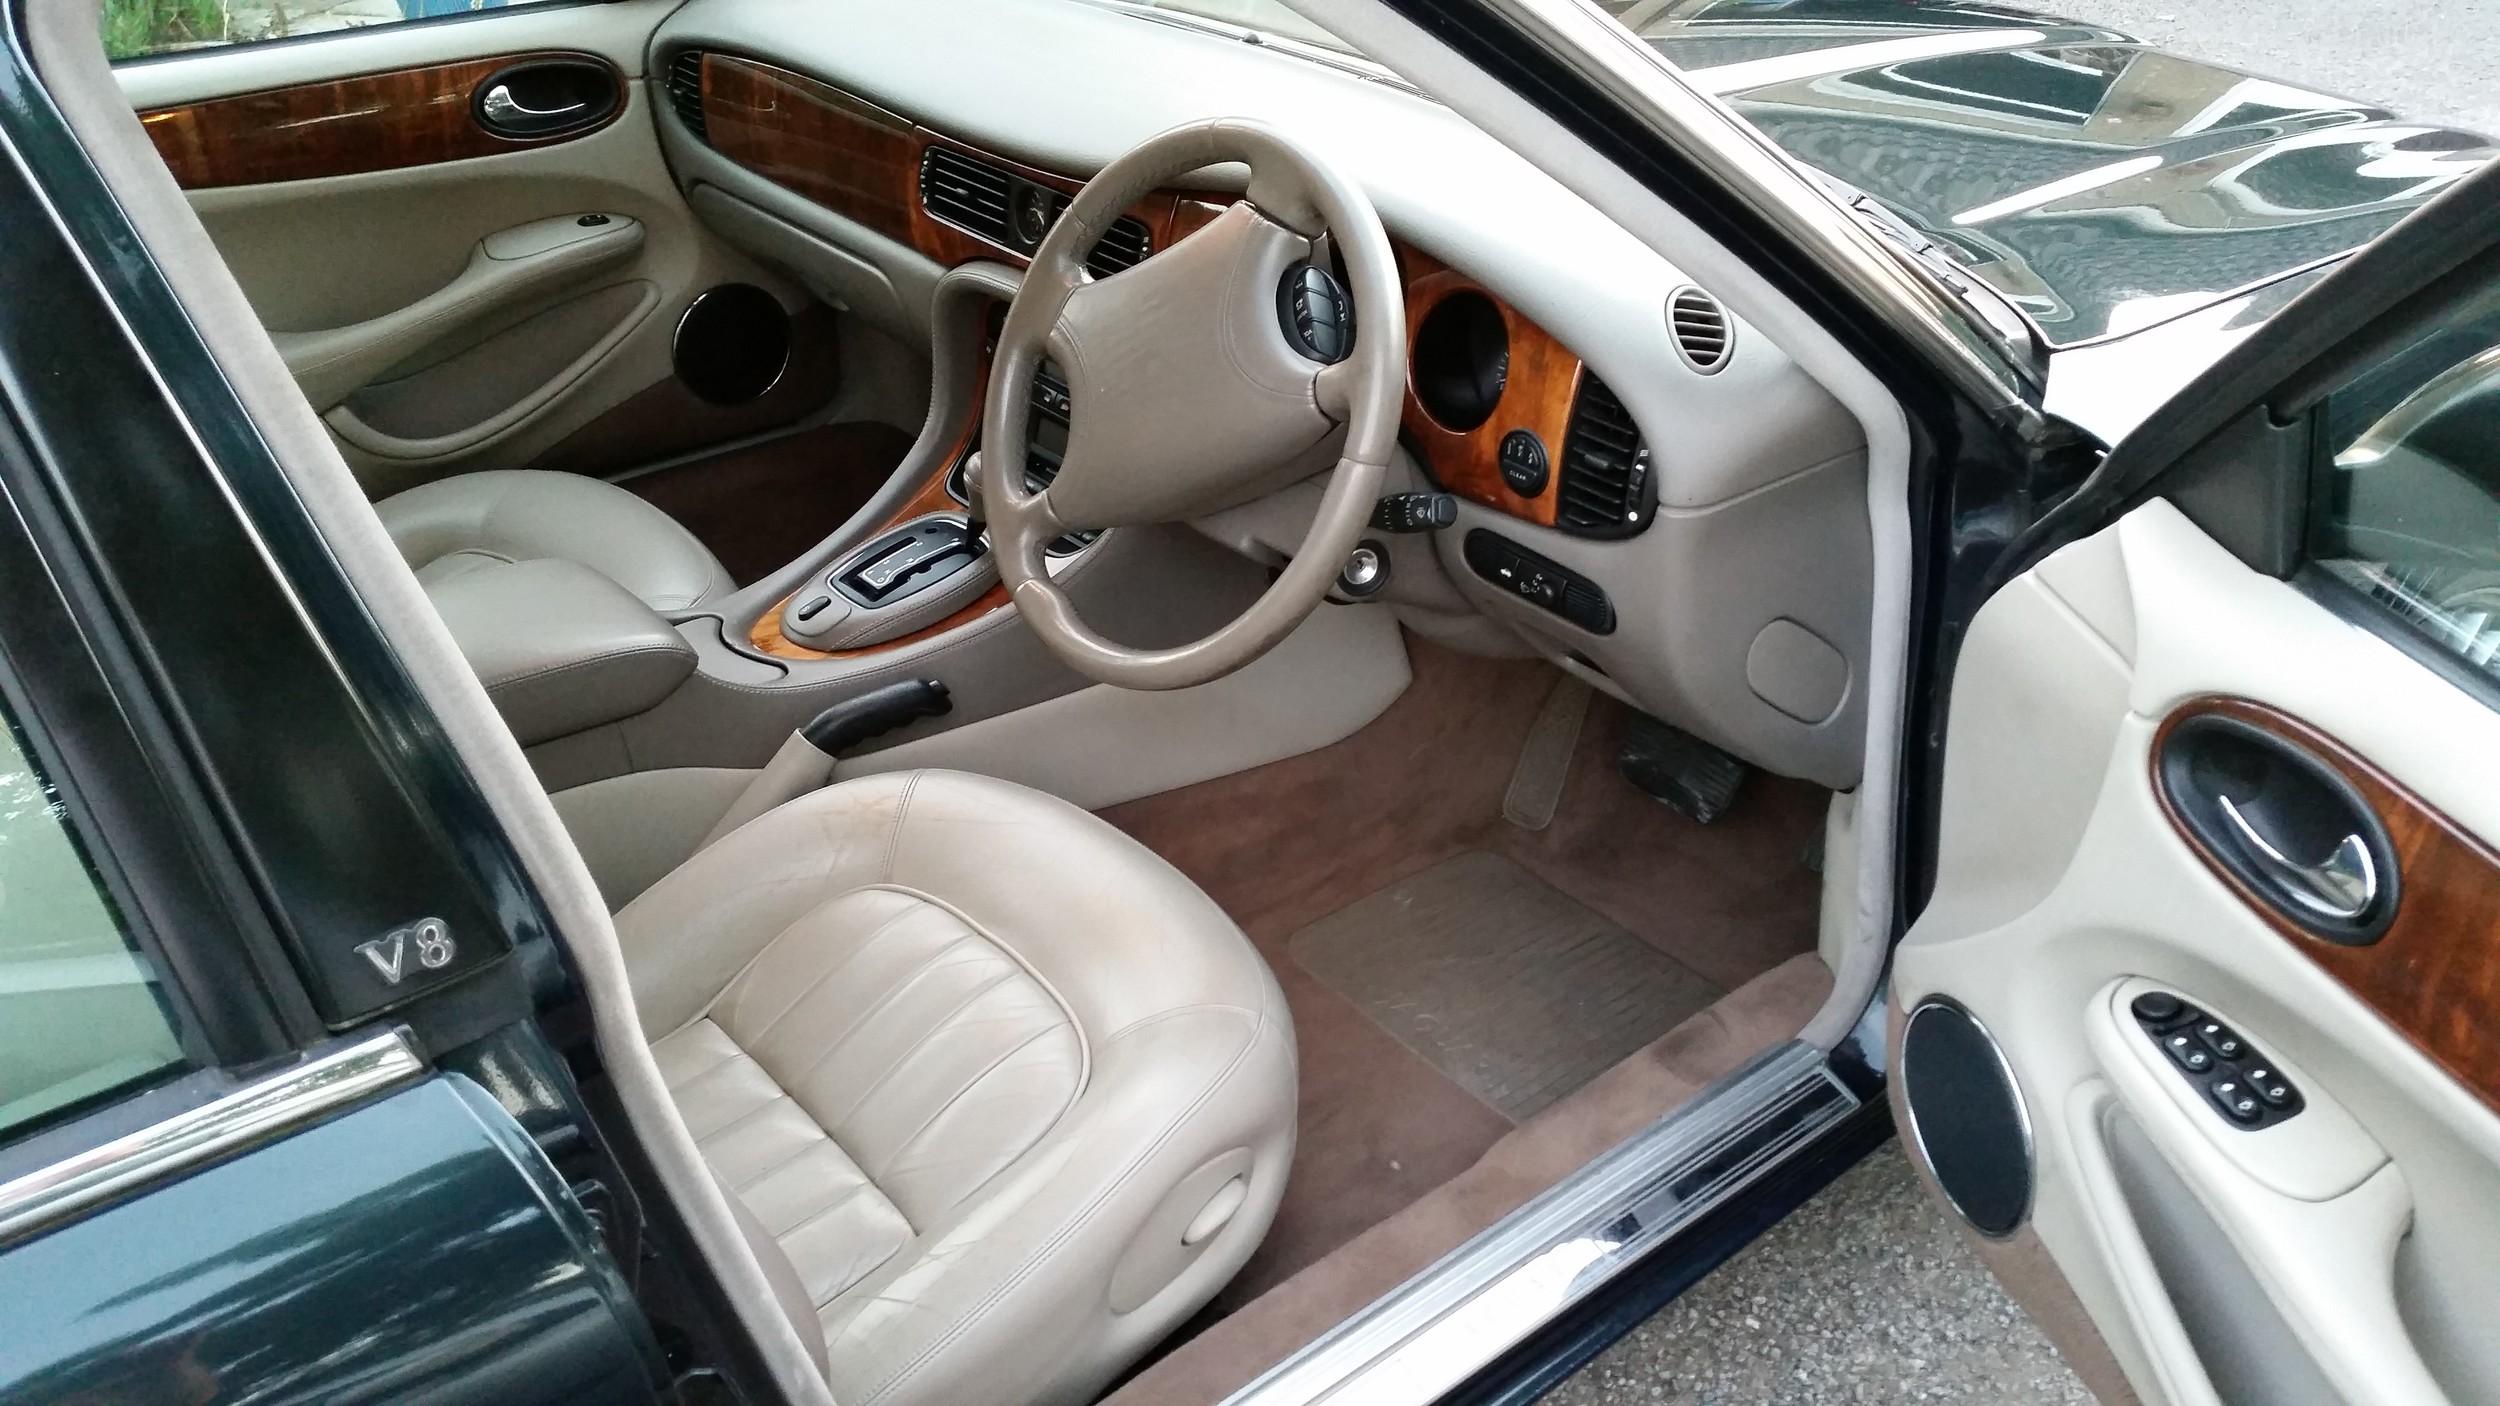 XJ 8 interior